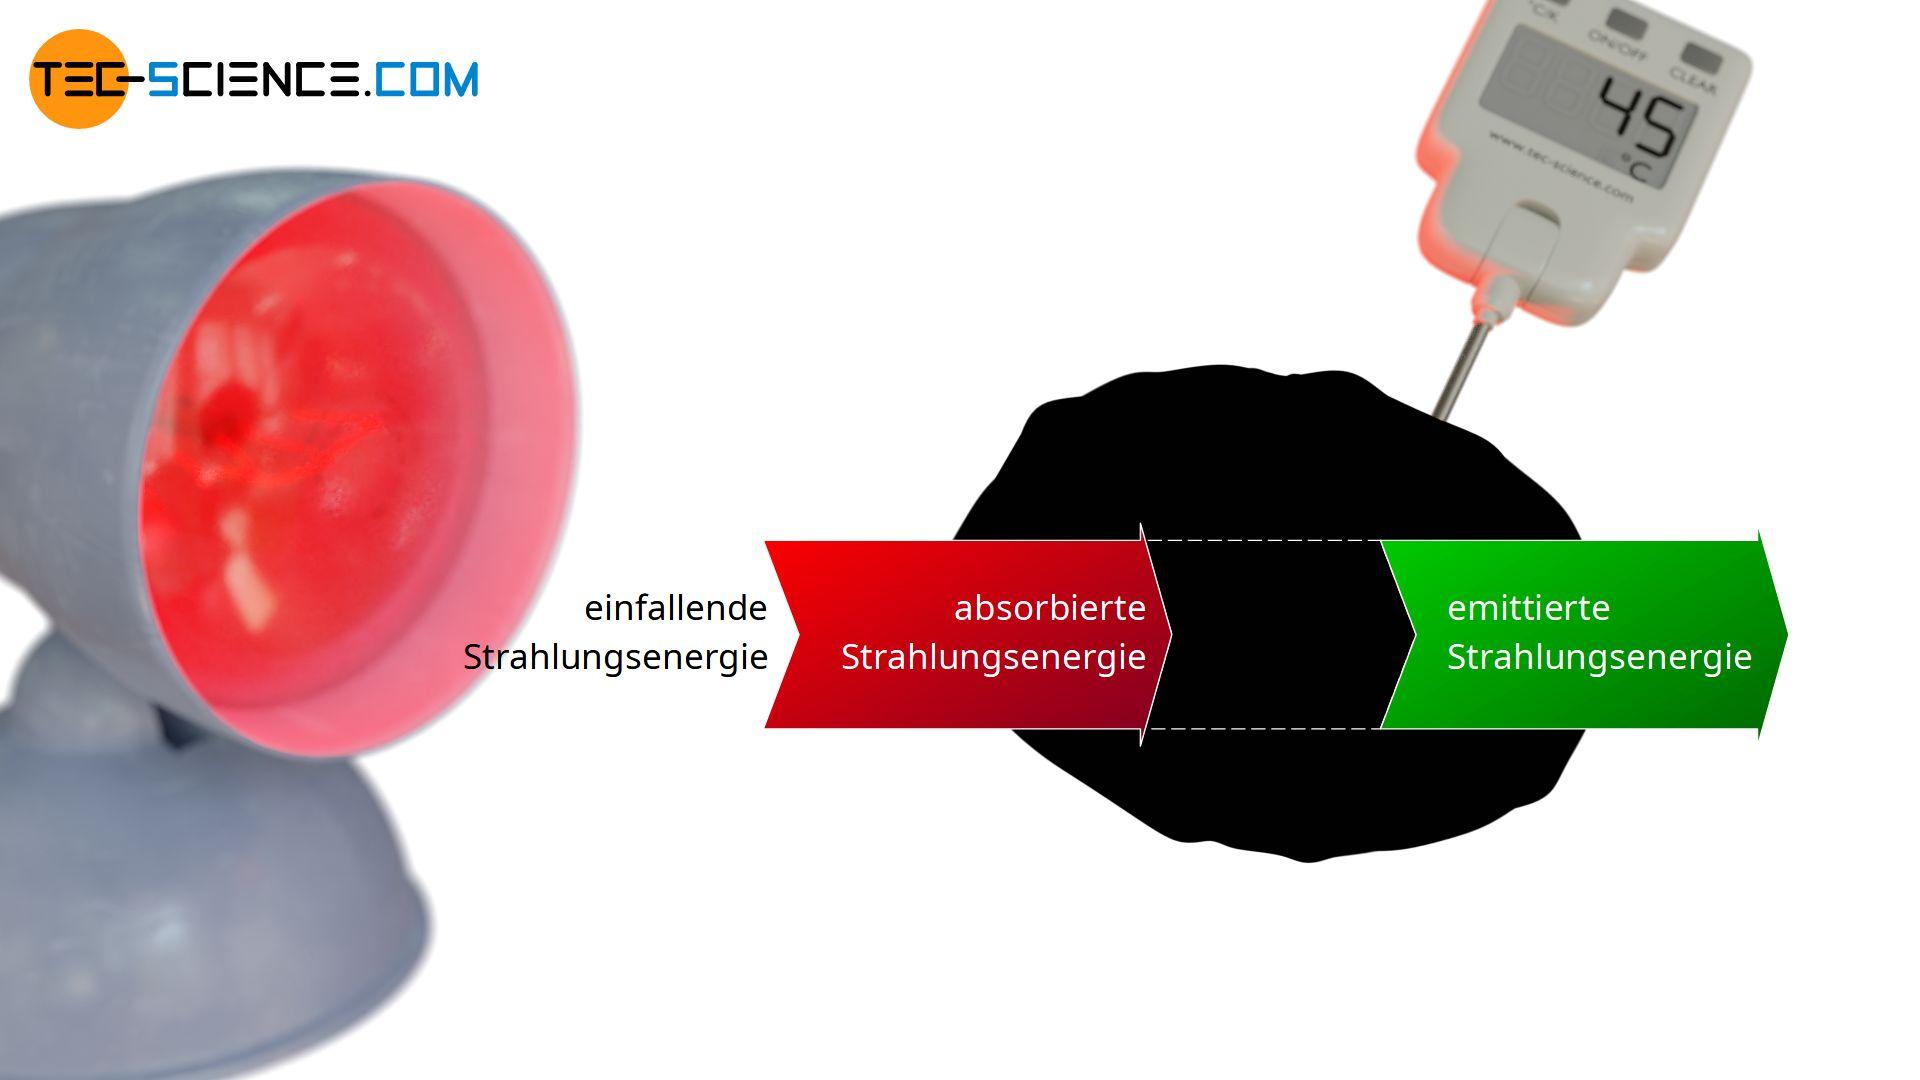 Energieflussdiagram eines Schwarzer Körpers